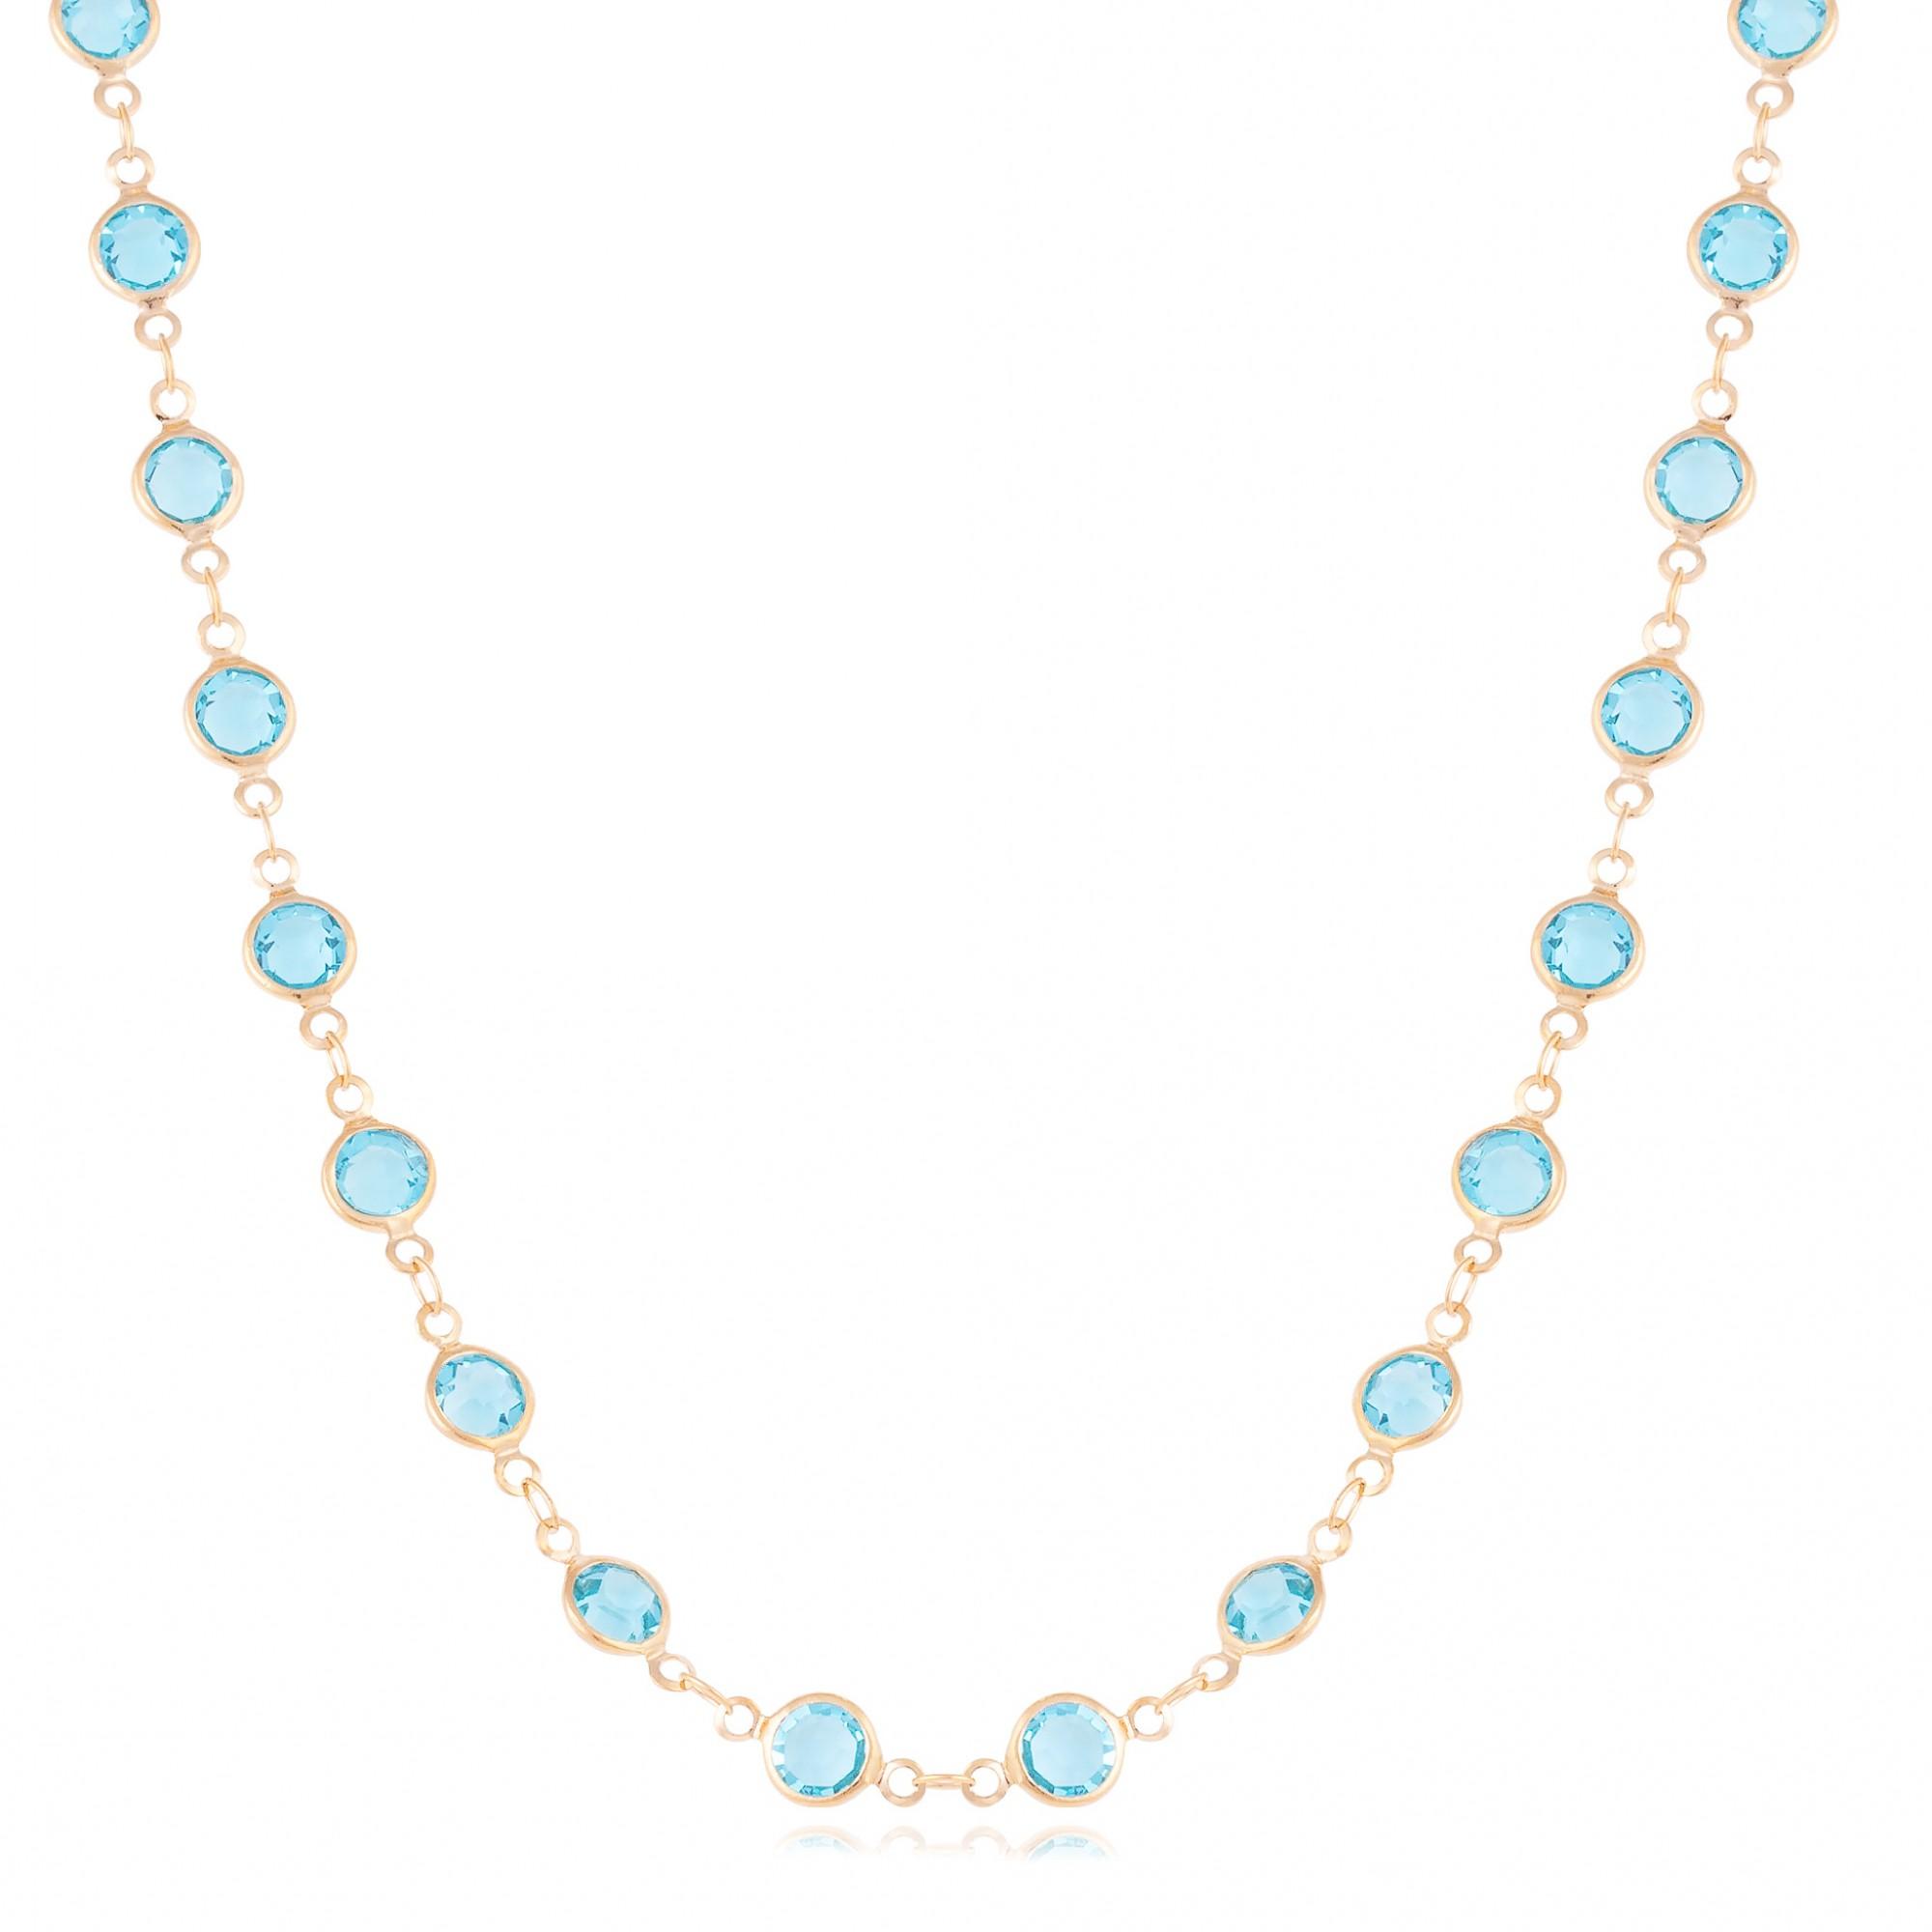 Colar cristais azuis banhado a ouro 18k.  - romabrazil.com.br